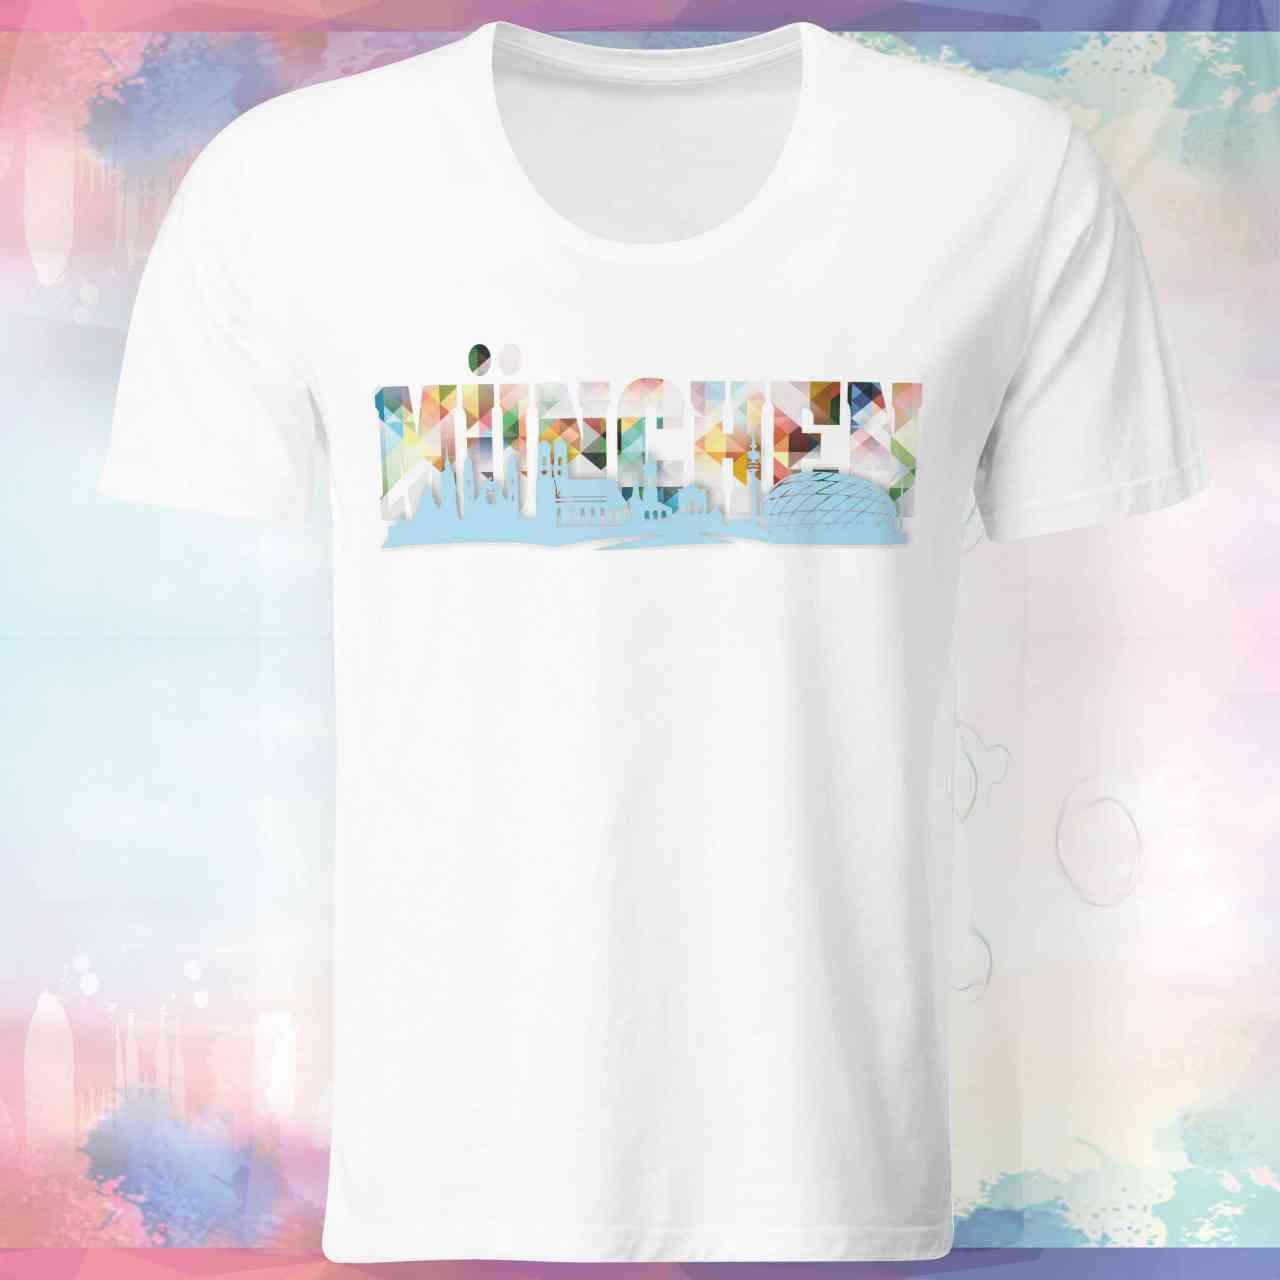 München Skyline Shirt | München Skyline T-Shirt | München Skyline Tshirt